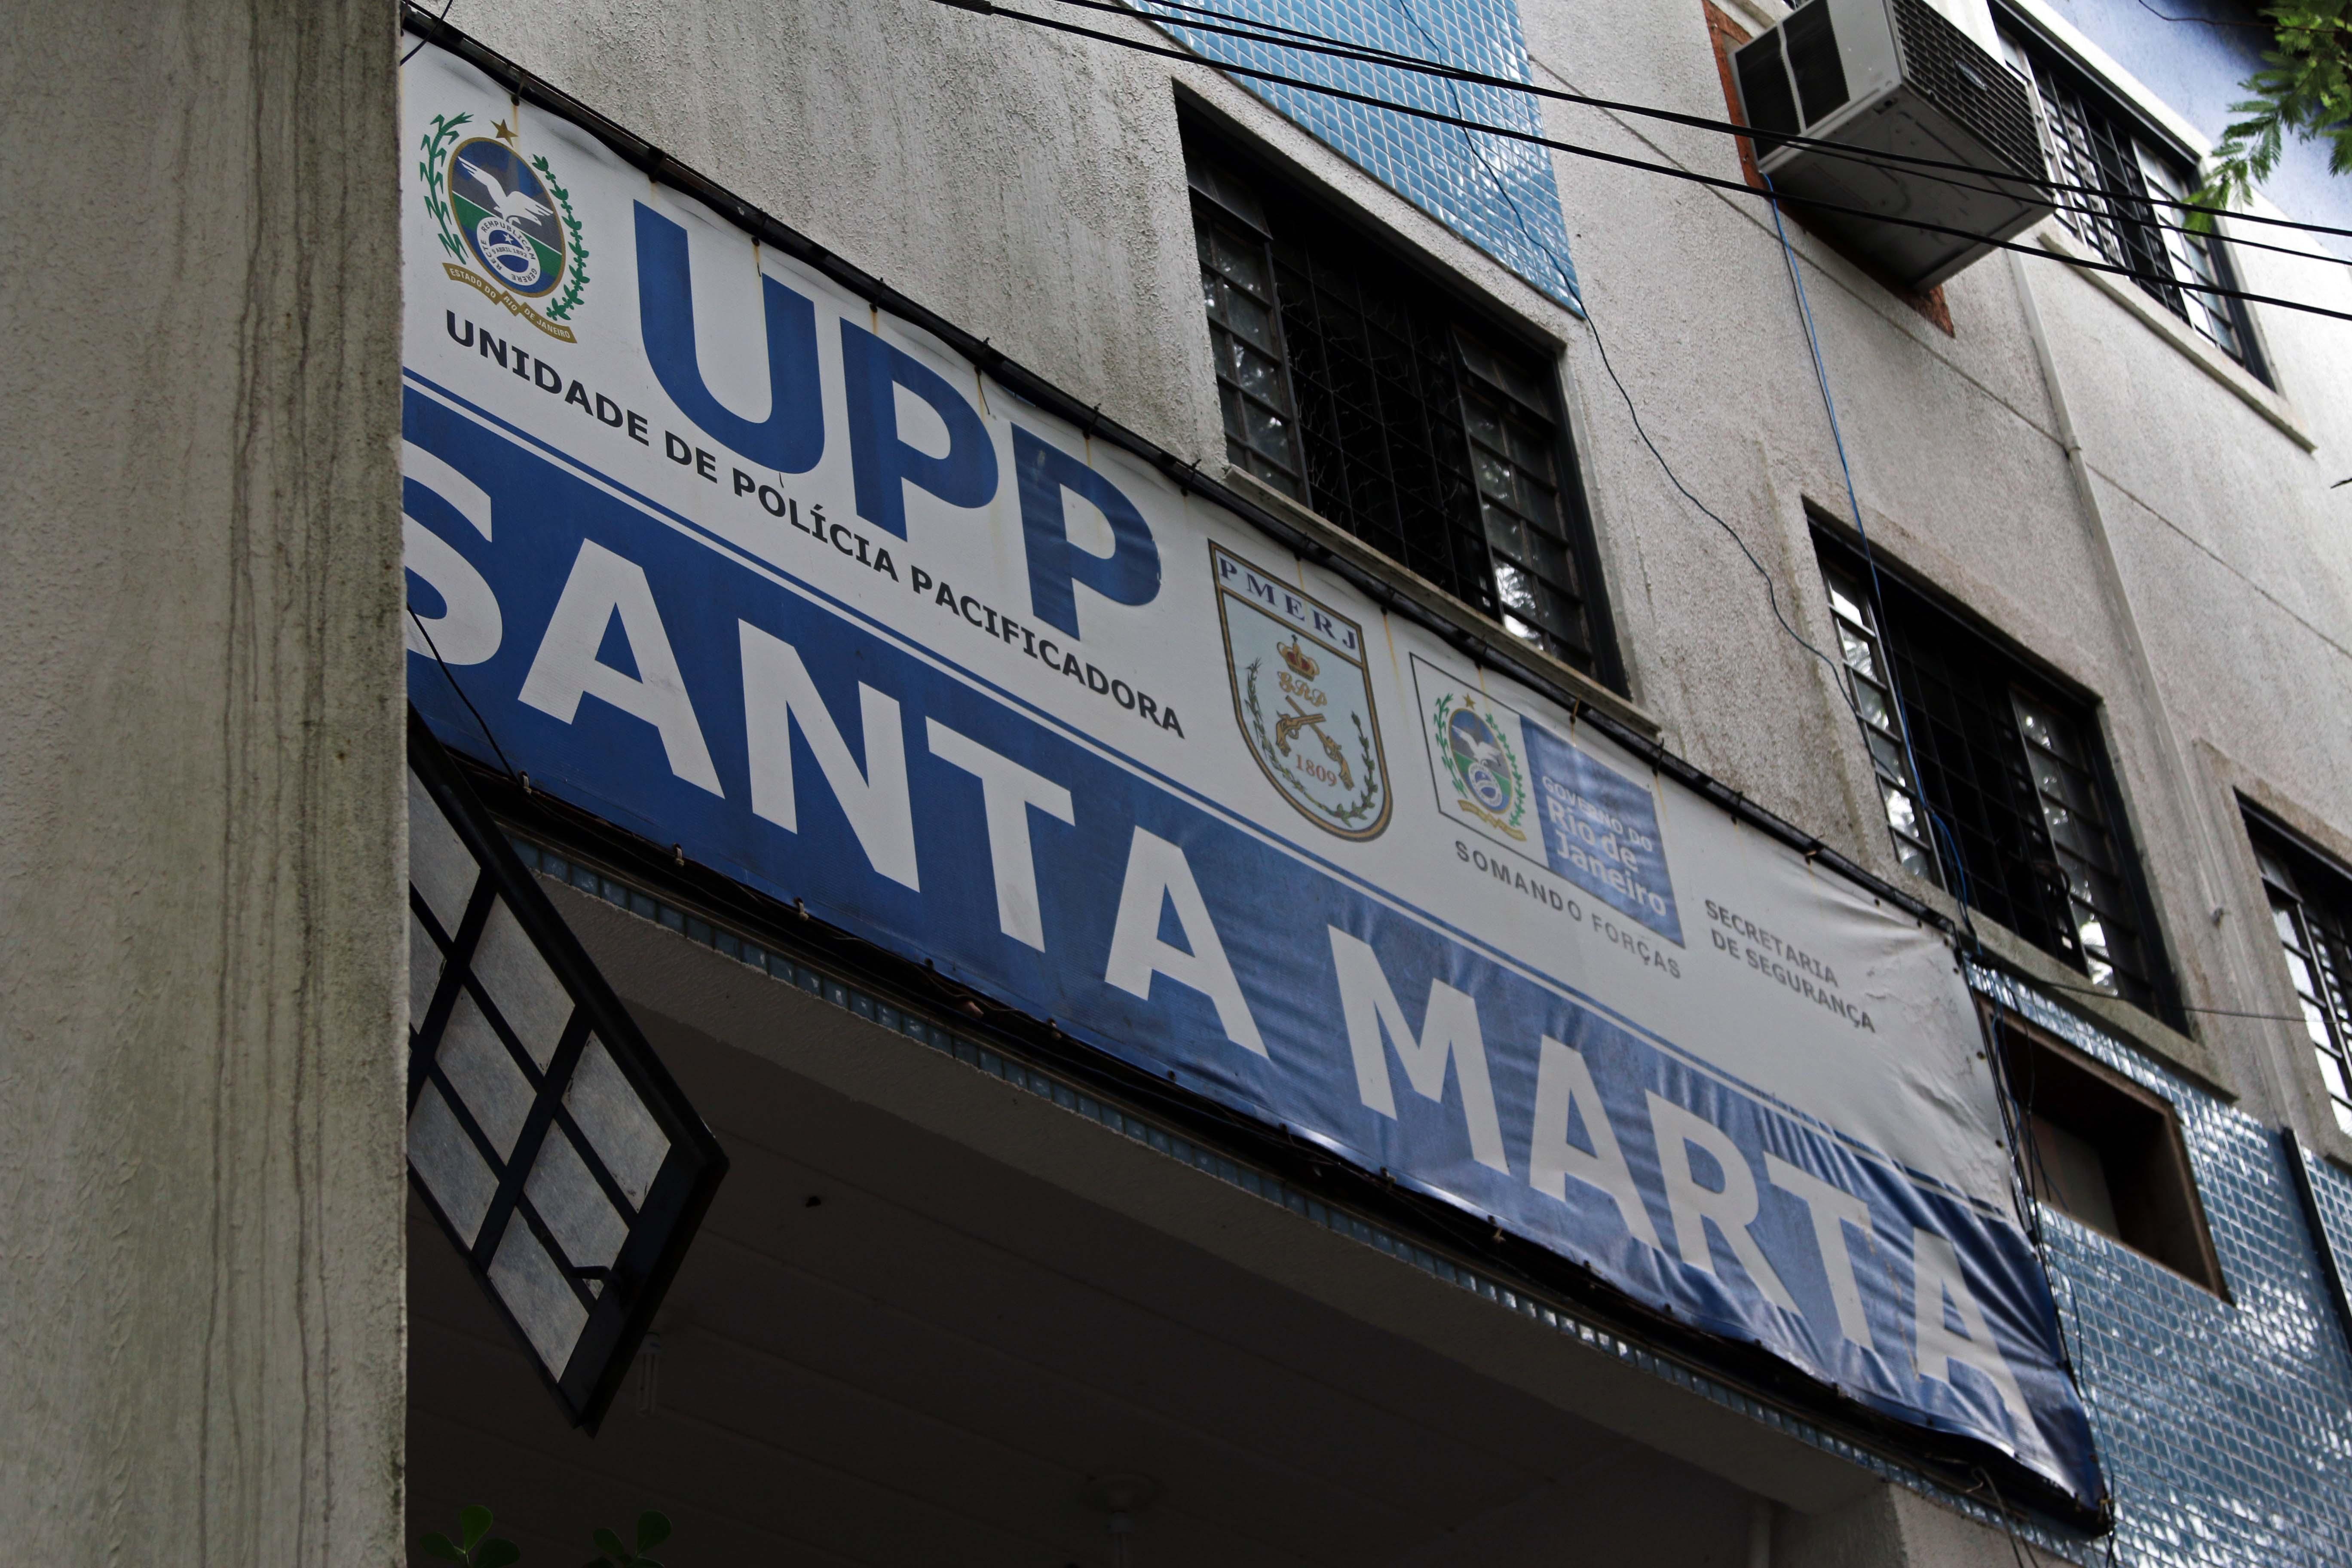 04_SantaMarta_1